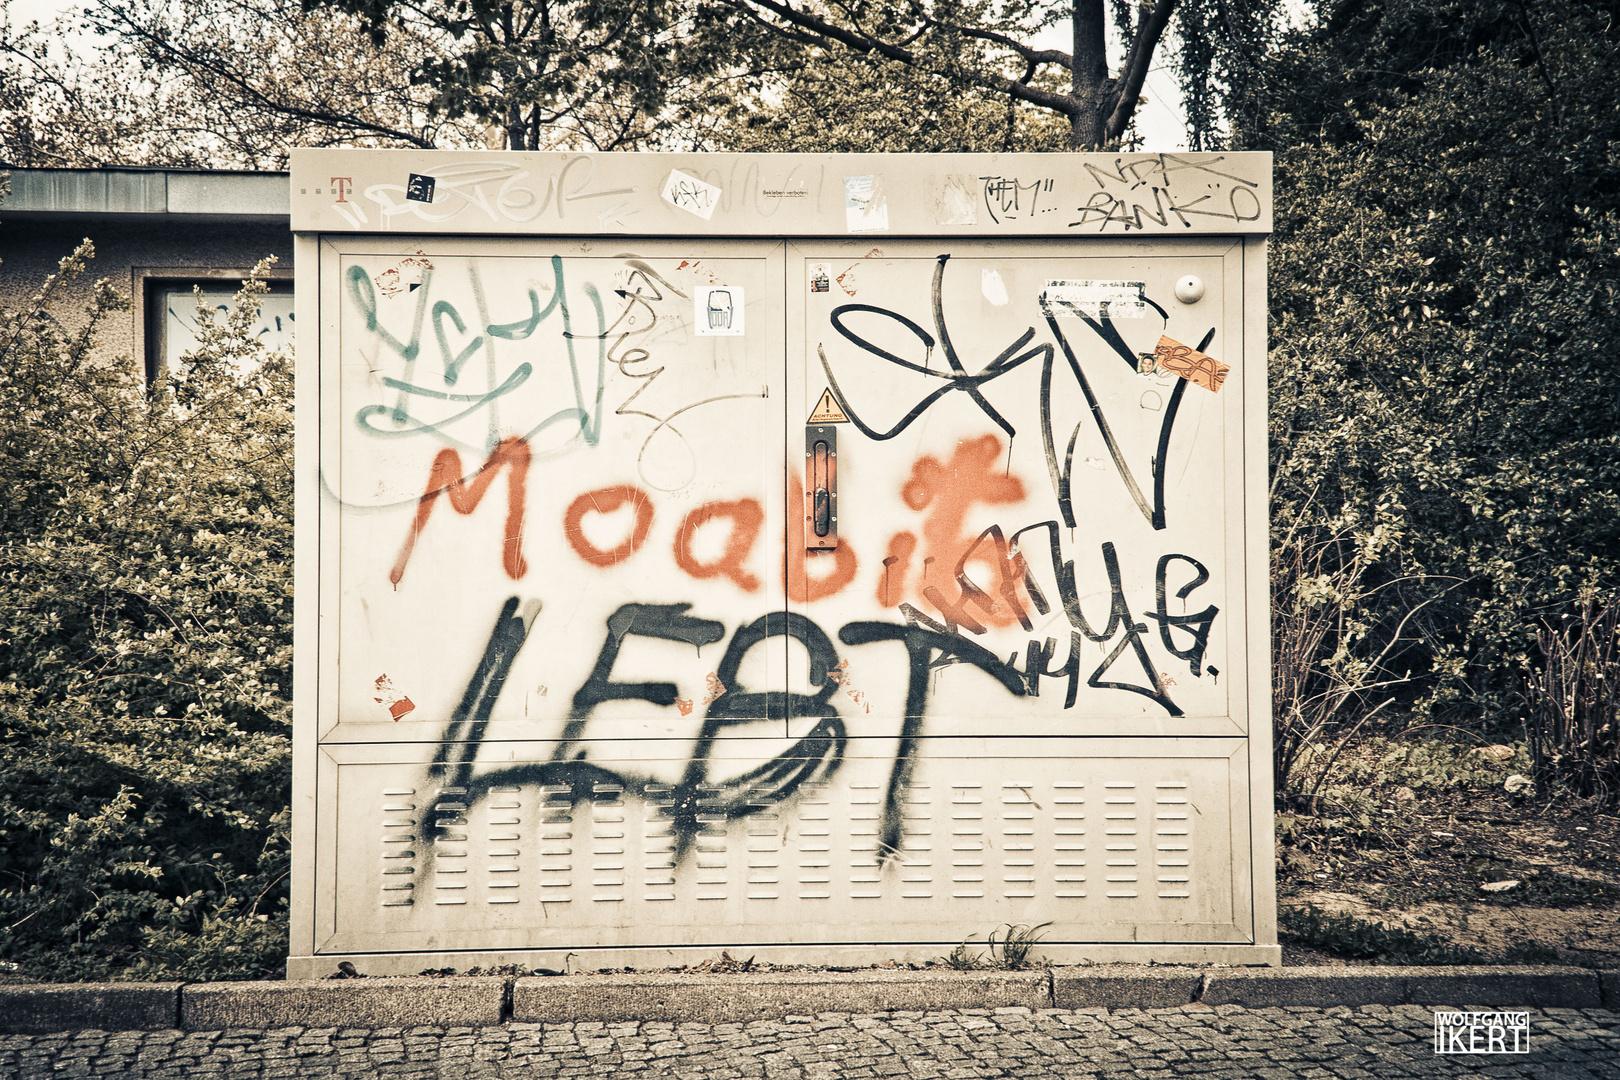 Moabit lebt!!!